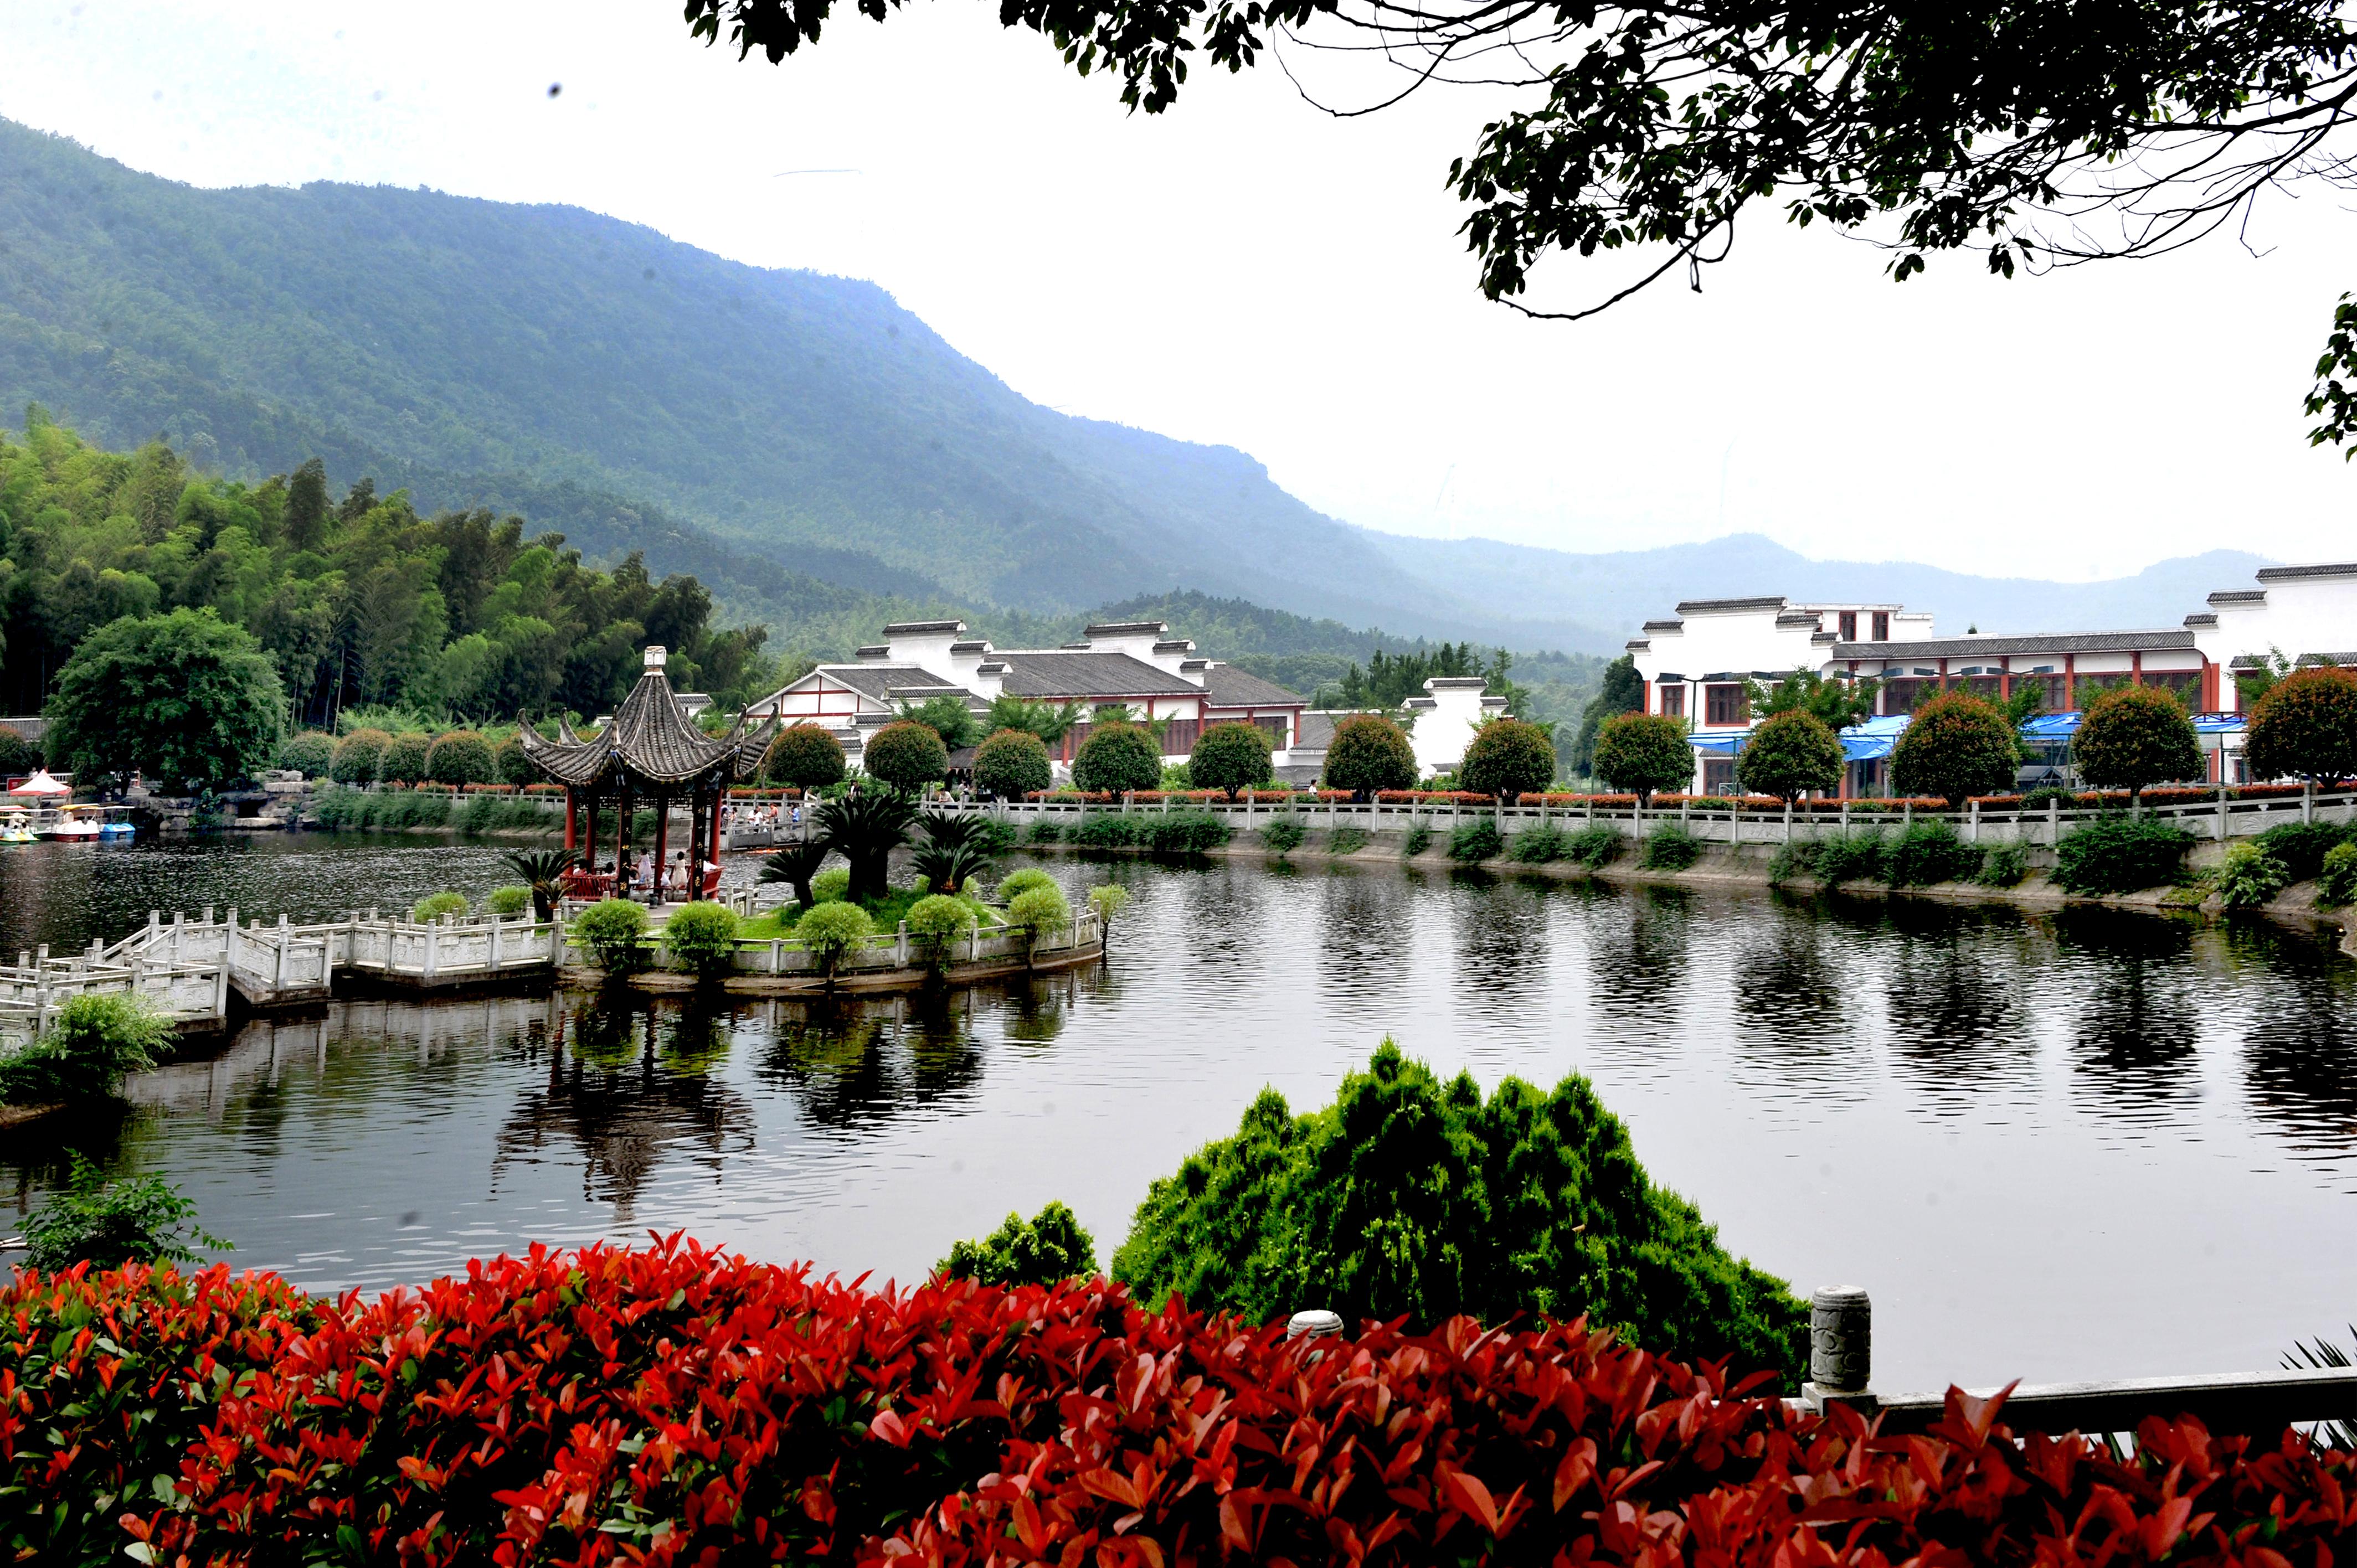 石首桃花山镇生态园水上游乐园一角